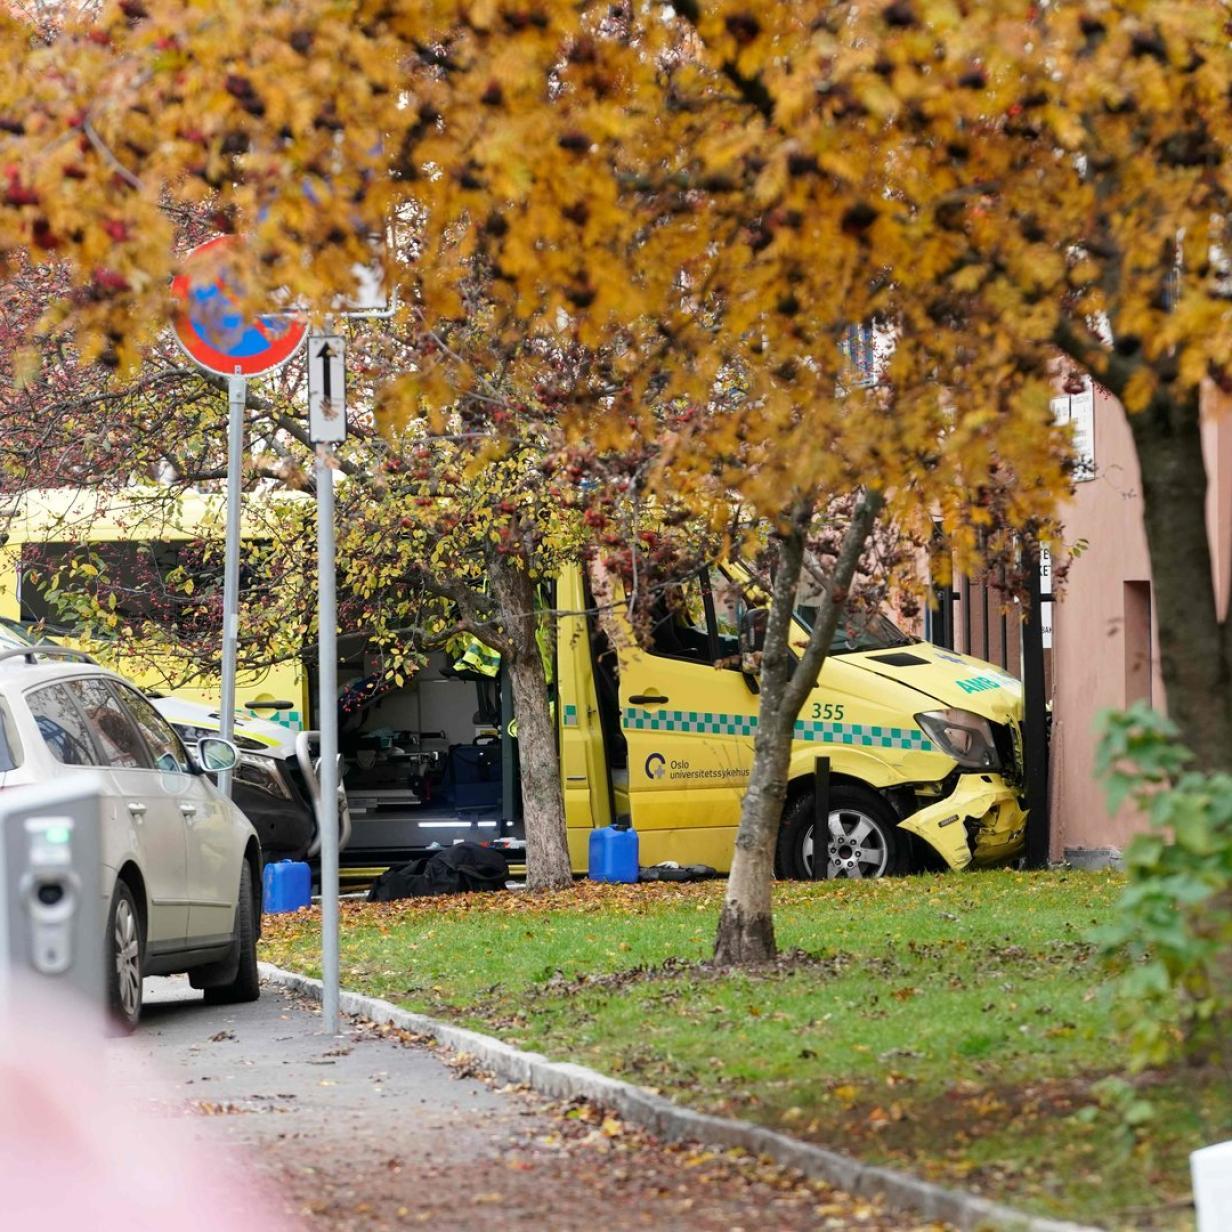 Oslo: Mehrere Menschen durch gestohlenen Krankenwagen verletzt